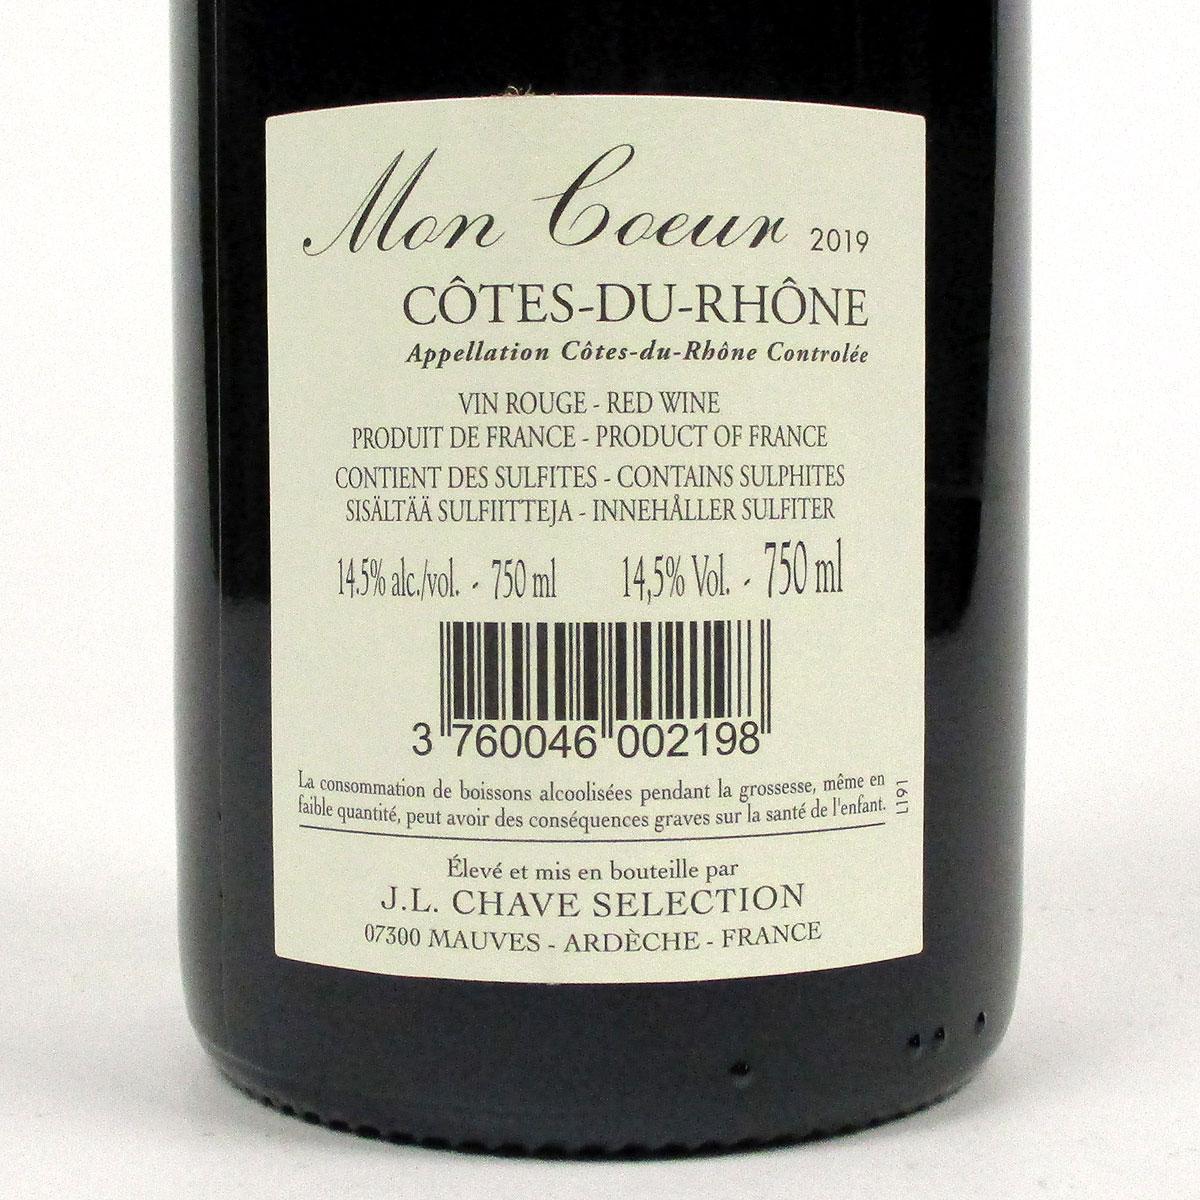 Côtes du Rhône: Jean-Louis Chave Sélection 'Mon Coeur' 2019 - Bottle Rear Label